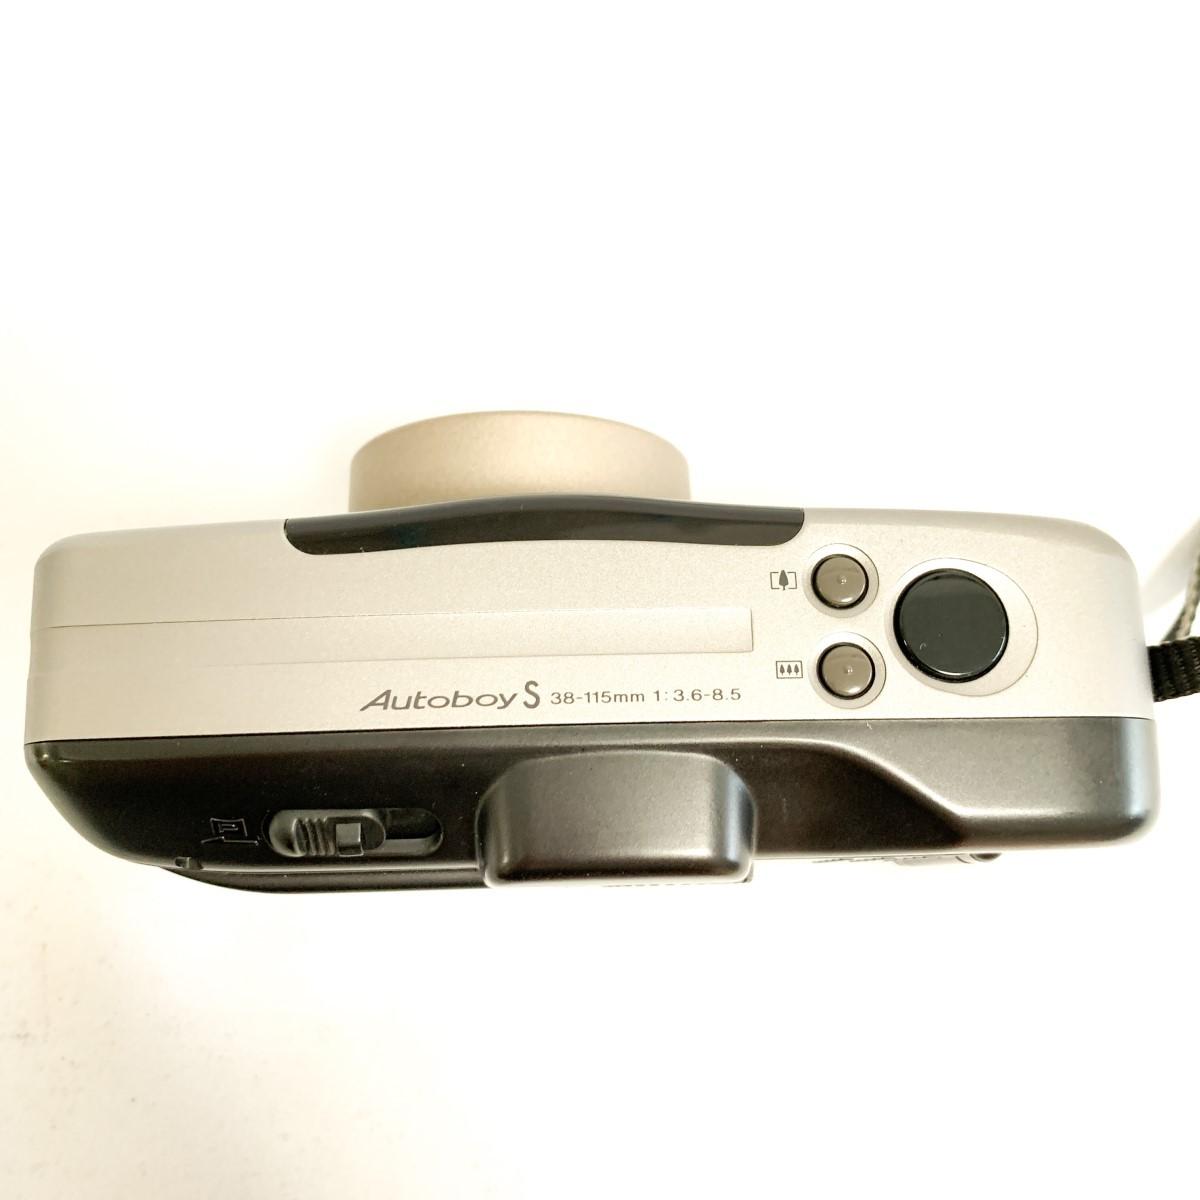 【極美品 完動品】Canon Autoboy S PANORAMA Ai AF 38-115mm 広角~望遠域レンズ パノラマ撮影 キャノン コンパクトフィルムカメラ C424_画像5